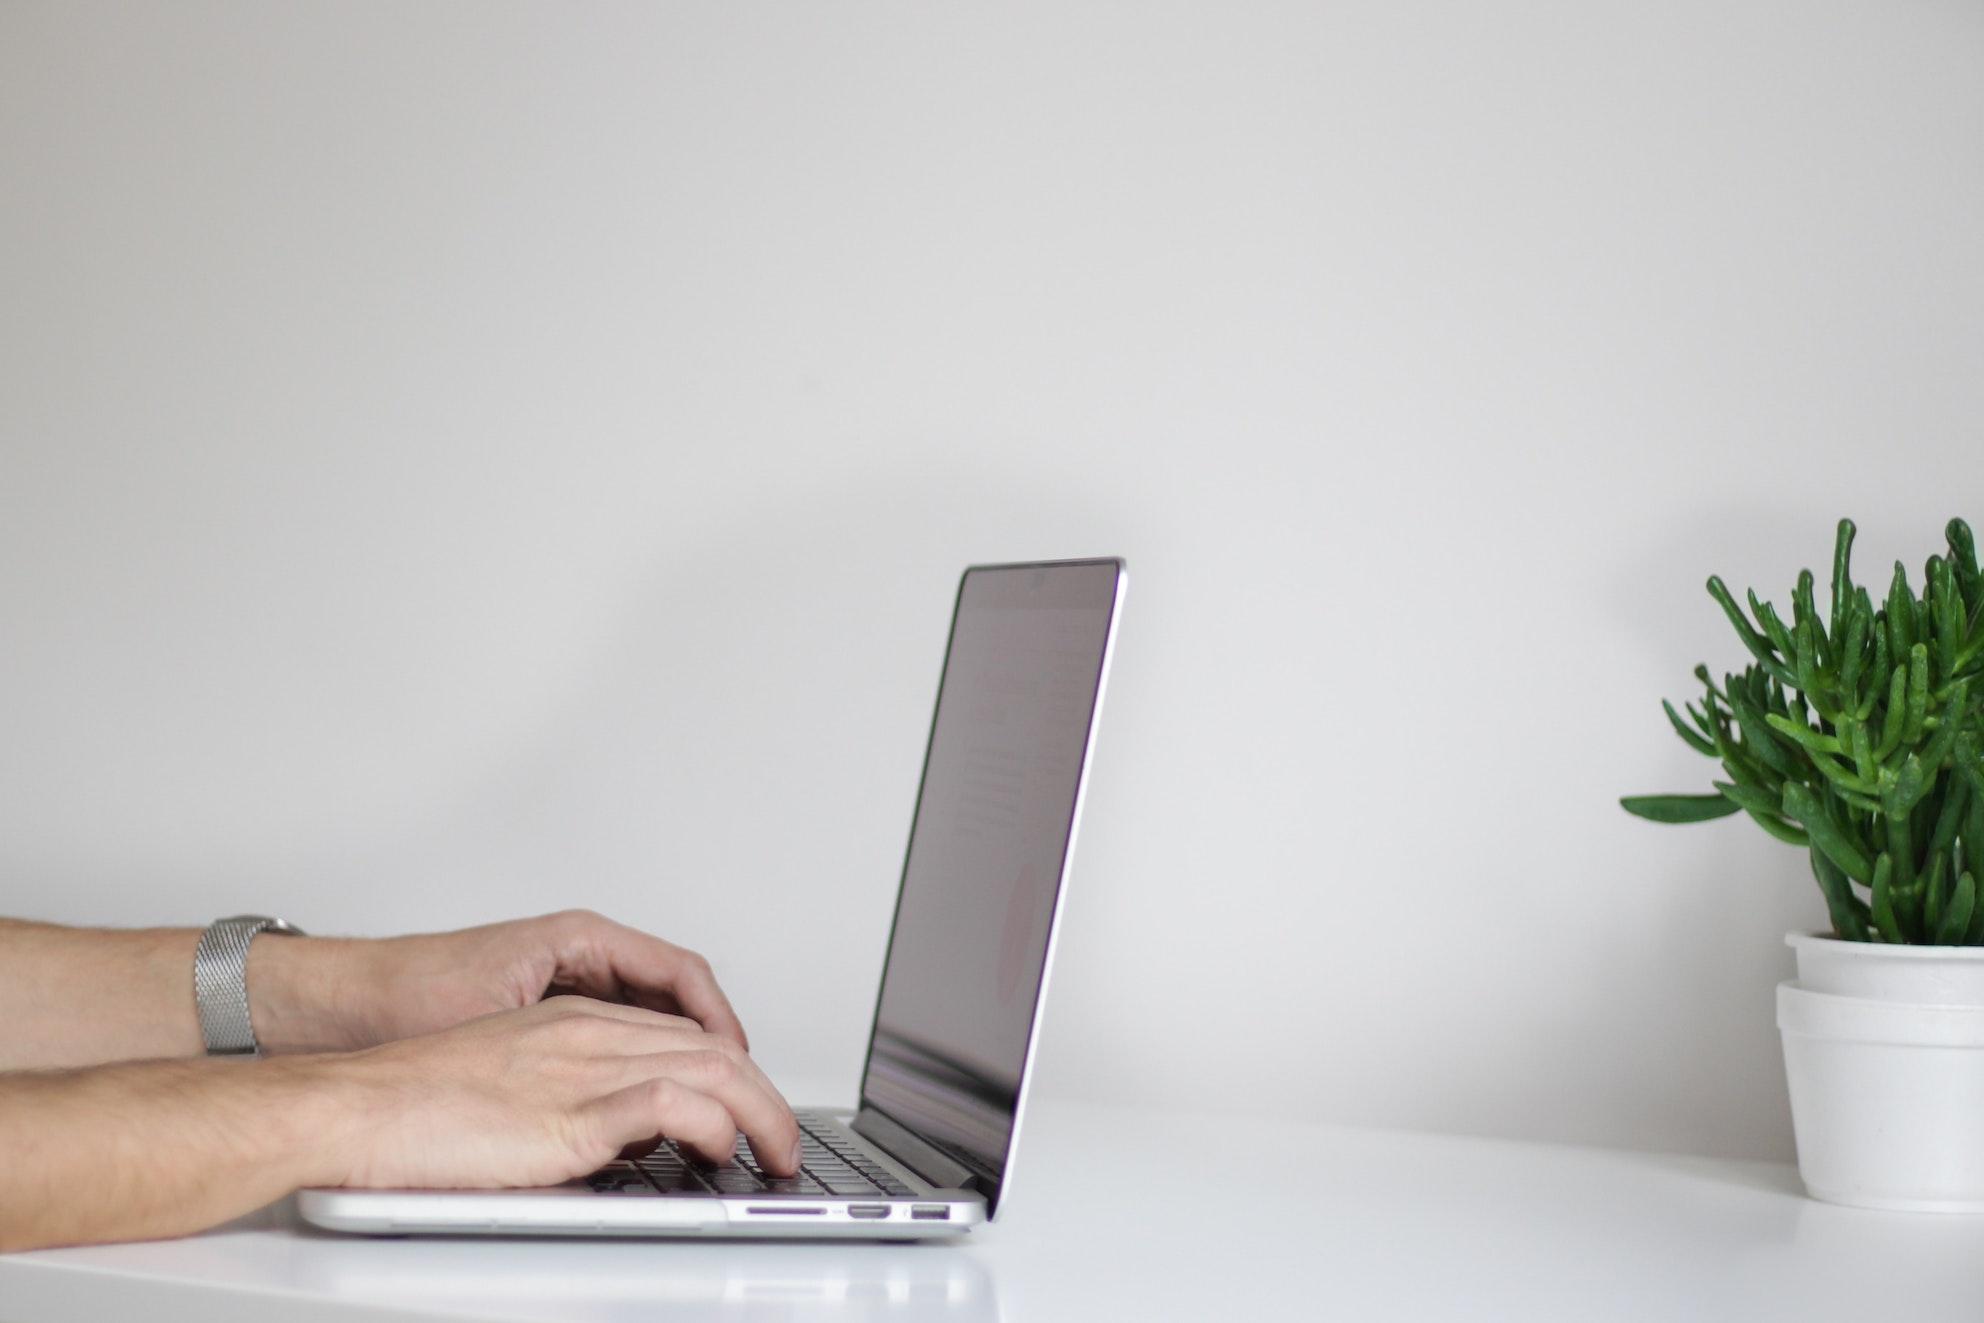 How to send Mailchimp surveys easily